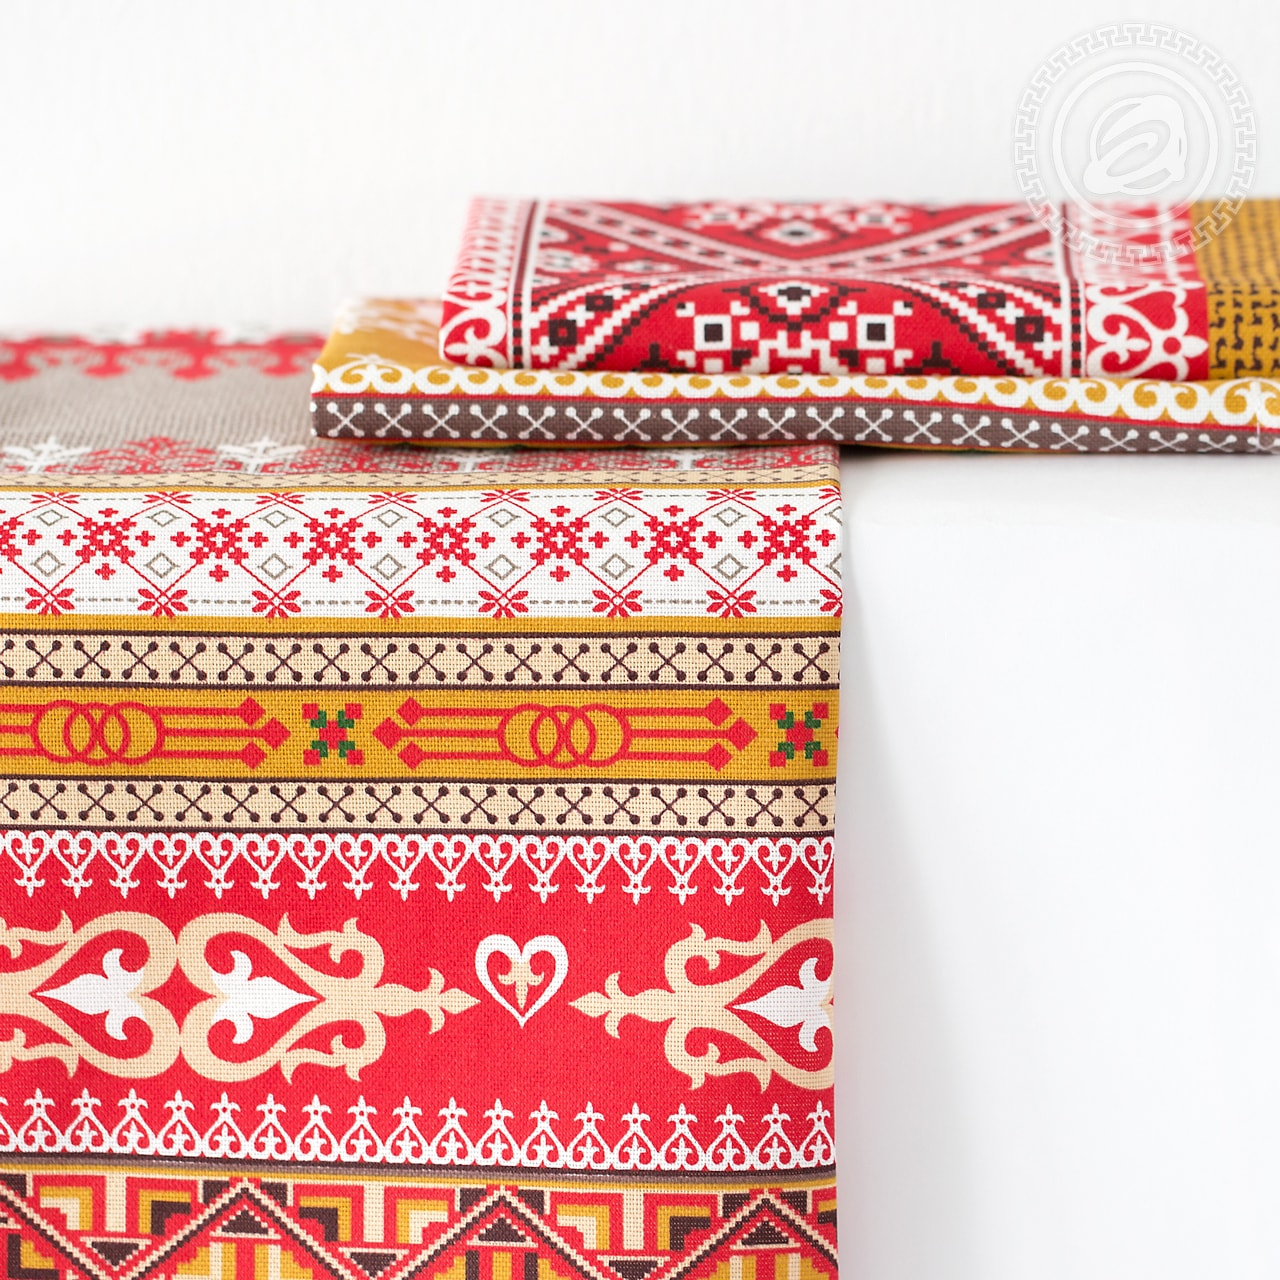 Набор из 3 кухонных полотенец Домашний очаг красный (45х60) набор из 3 кухонных полотенец три поросенка 45х60